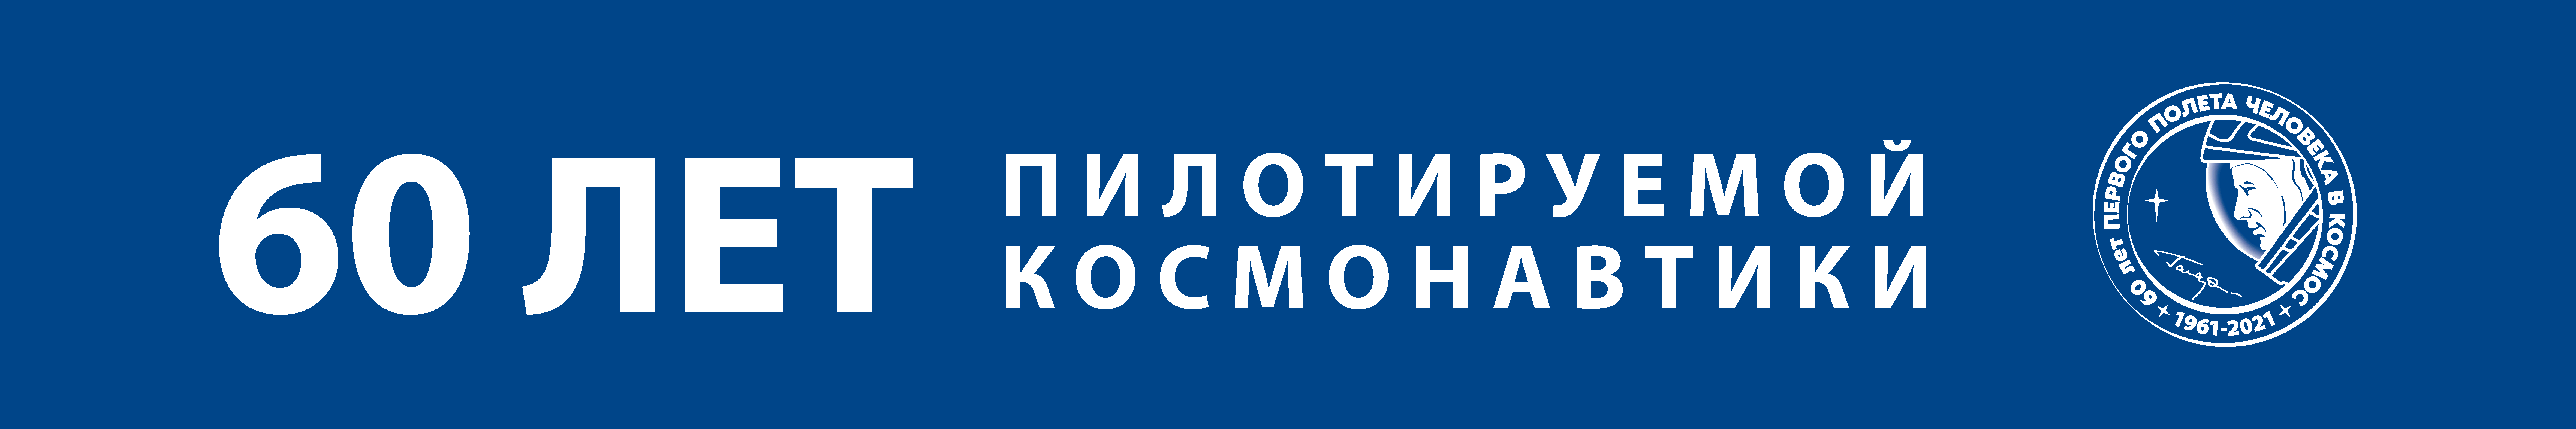 Официальная символика празднования 60-летия полета Ю. А. Гагарина в 2021 году